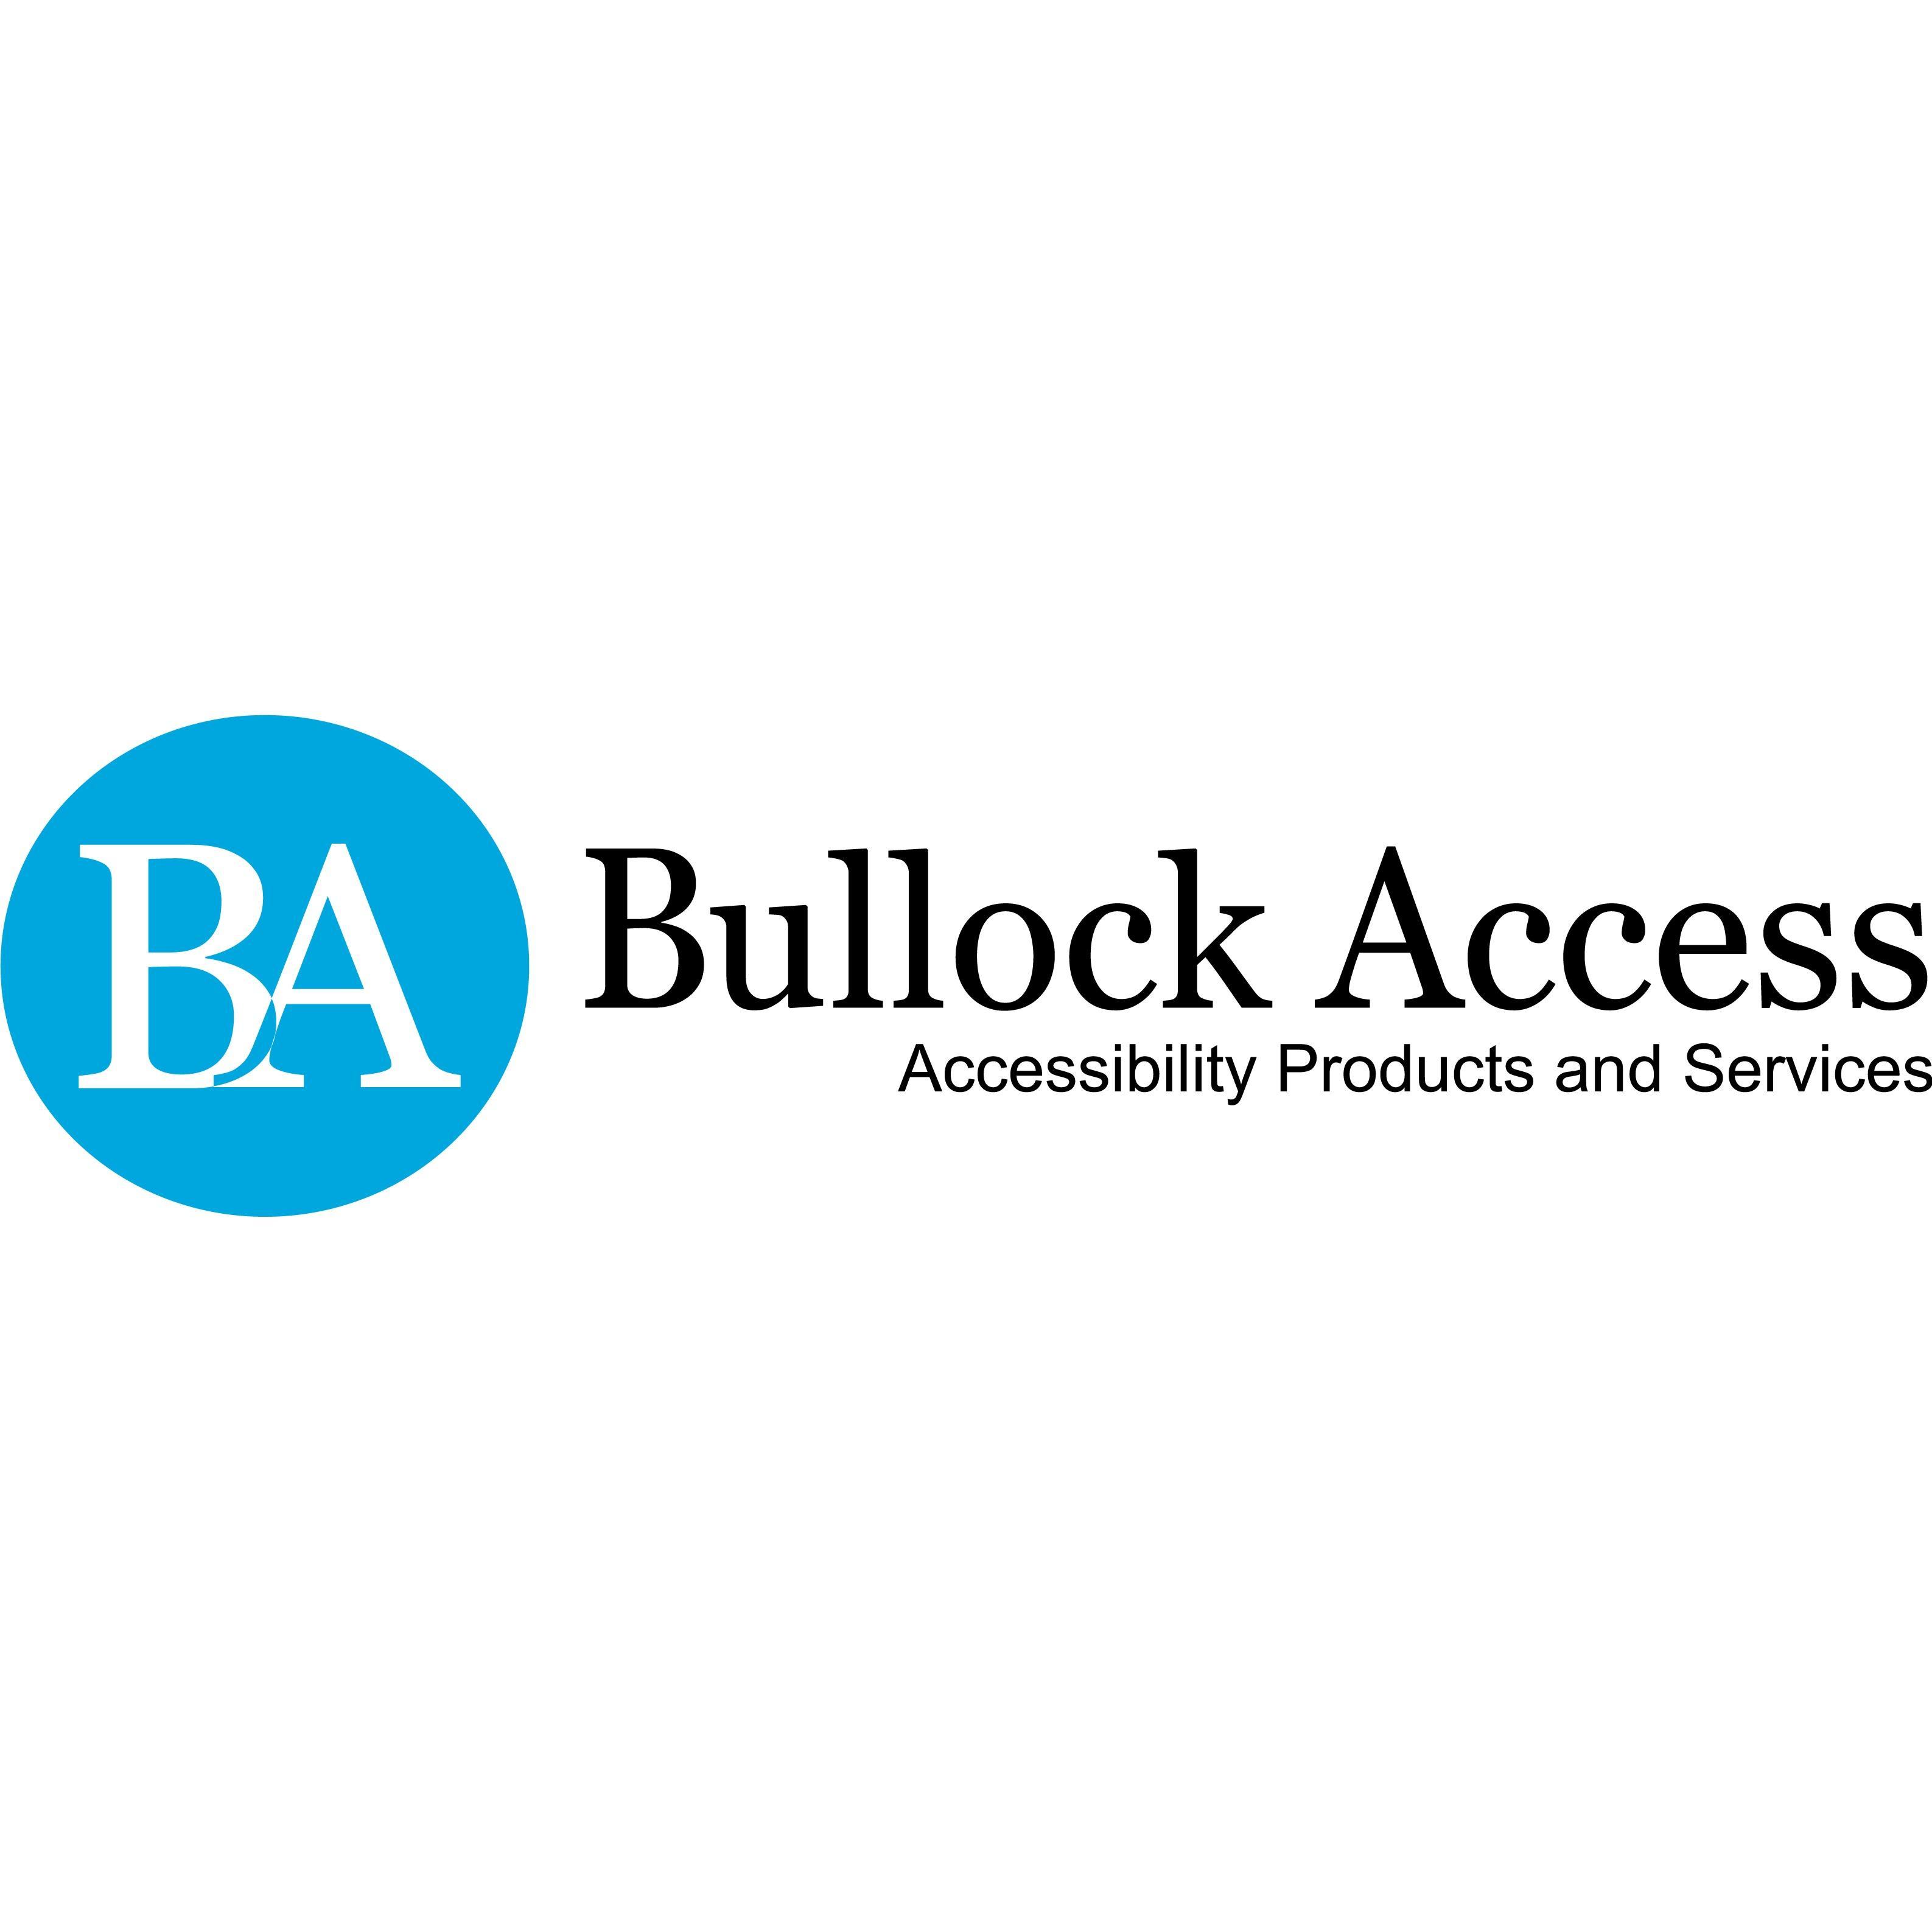 Bullock Access